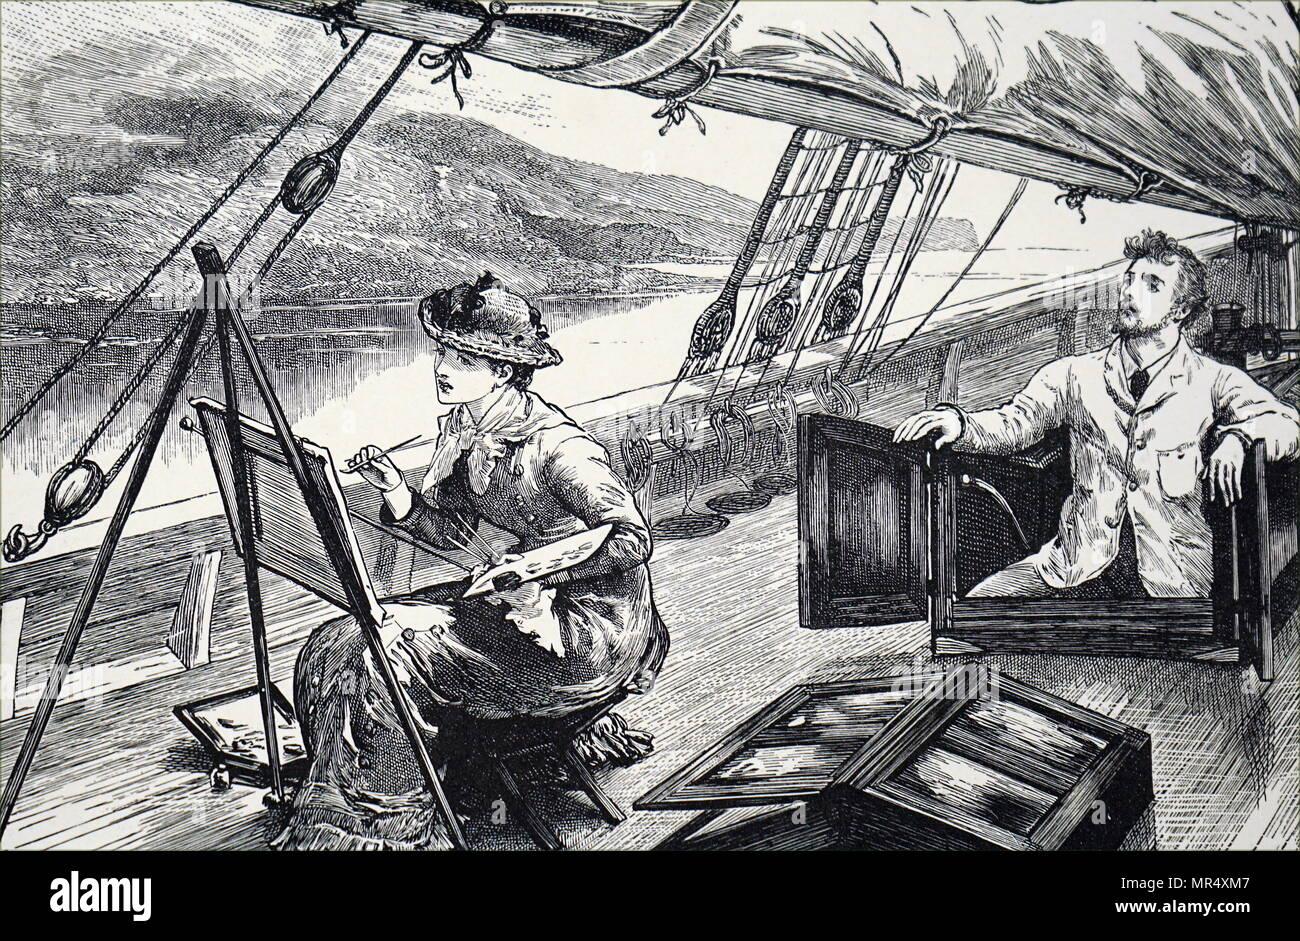 La ilustración representa a una mujer joven de pintura en la cubierta de un barco que navega por un río. Fecha del siglo XIX Imagen De Stock